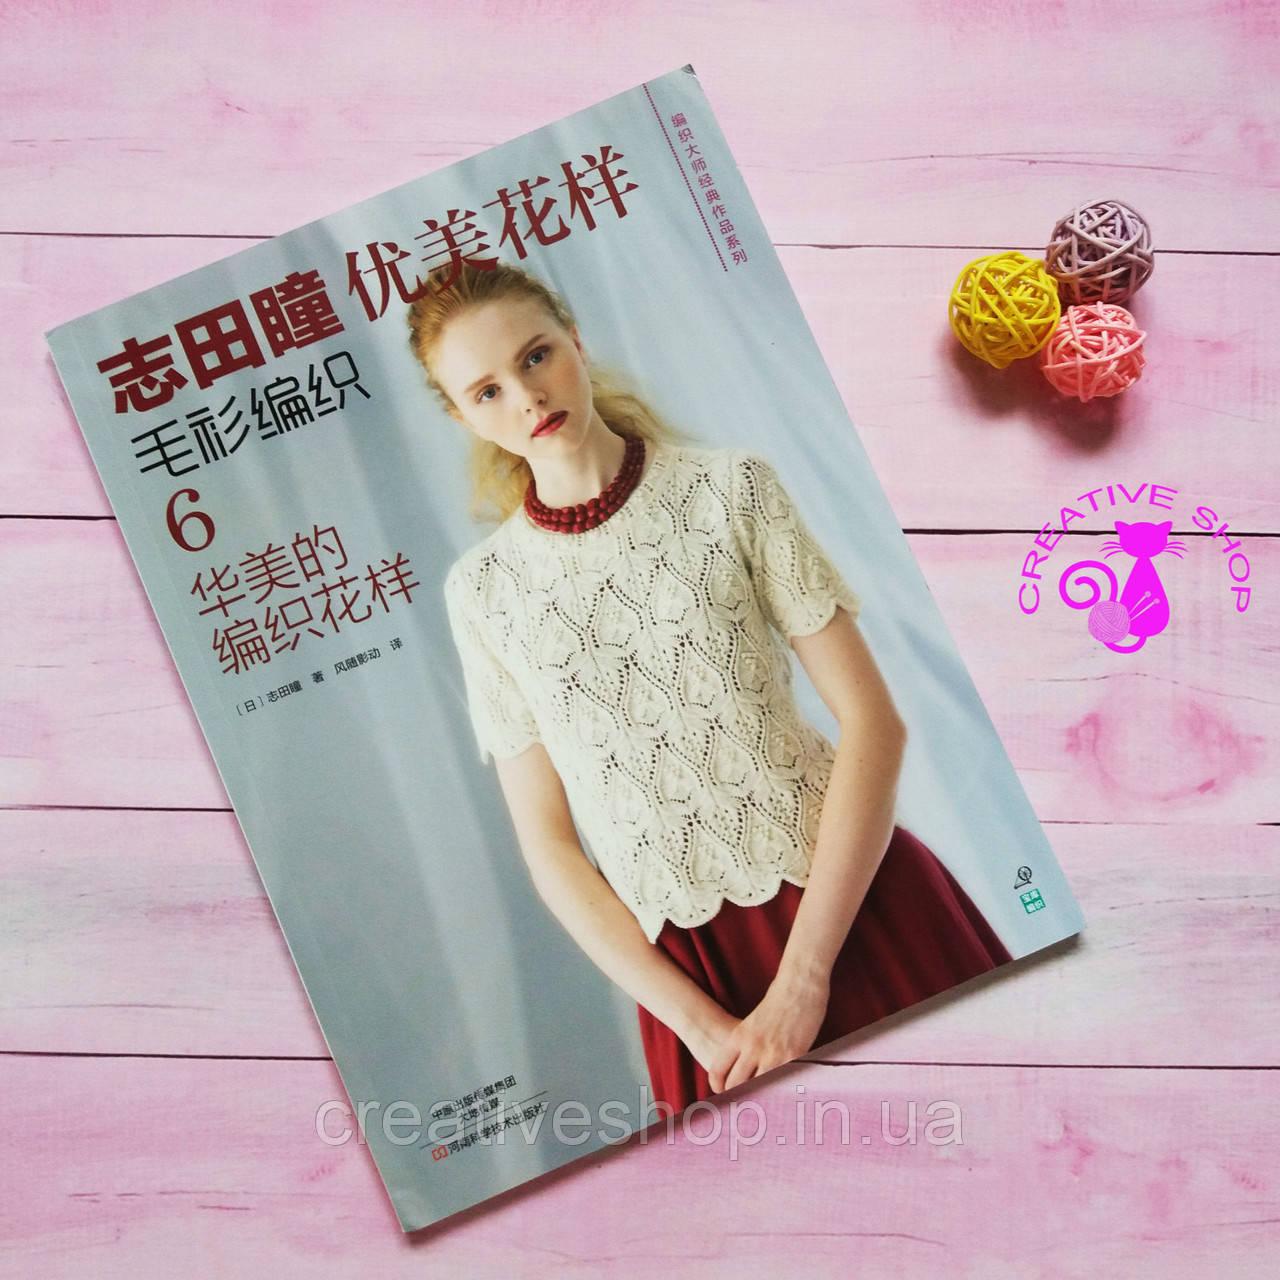 японский журнал по вязанию Hitomi Shida 6 цена 400 грн купить